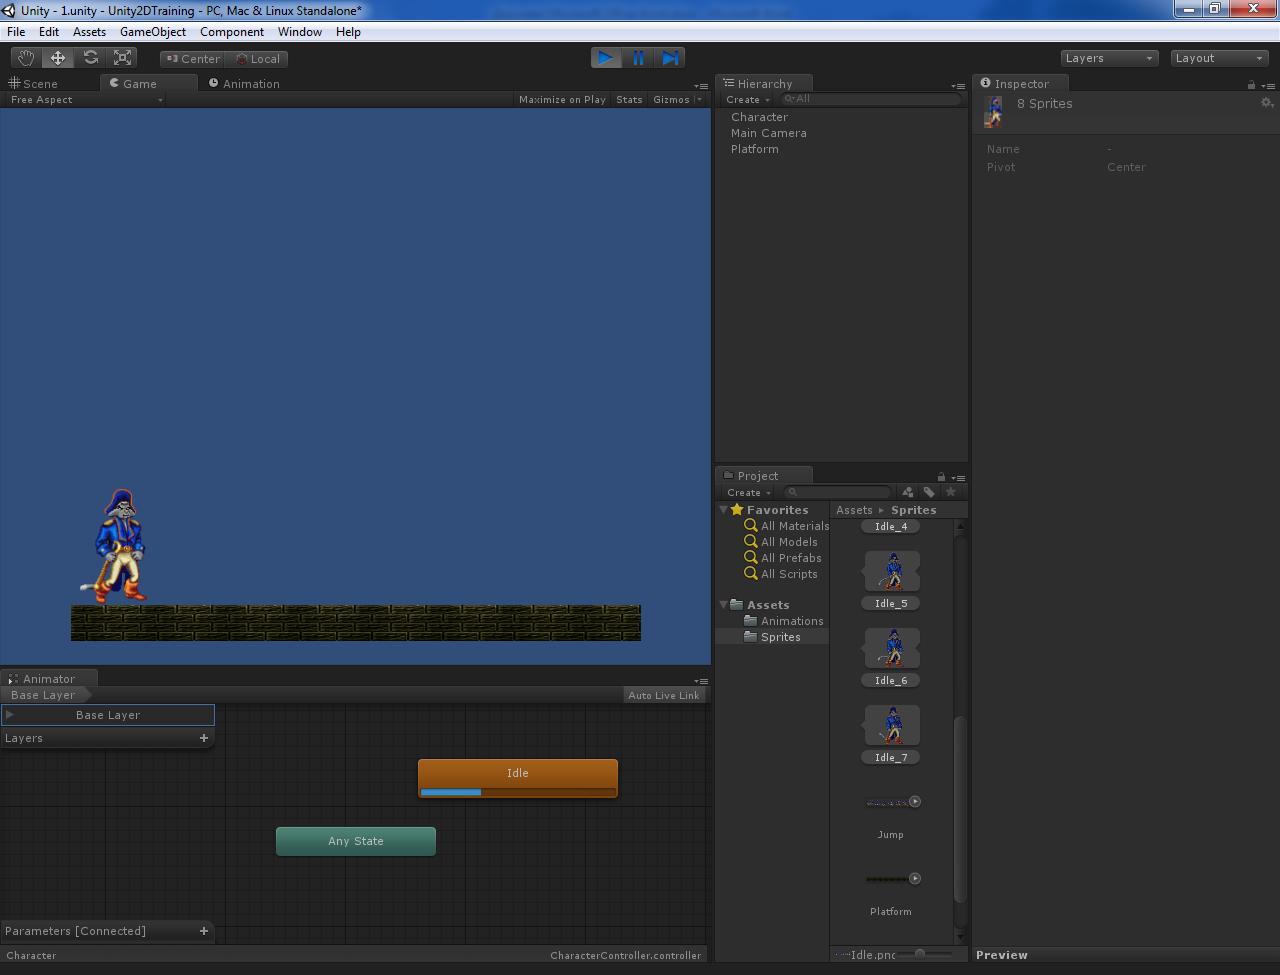 Основы создания 2D персонажа в Unity 3D 4.3. Часть 1: заготовка персонажа и анимация покоя / Хабрахабр